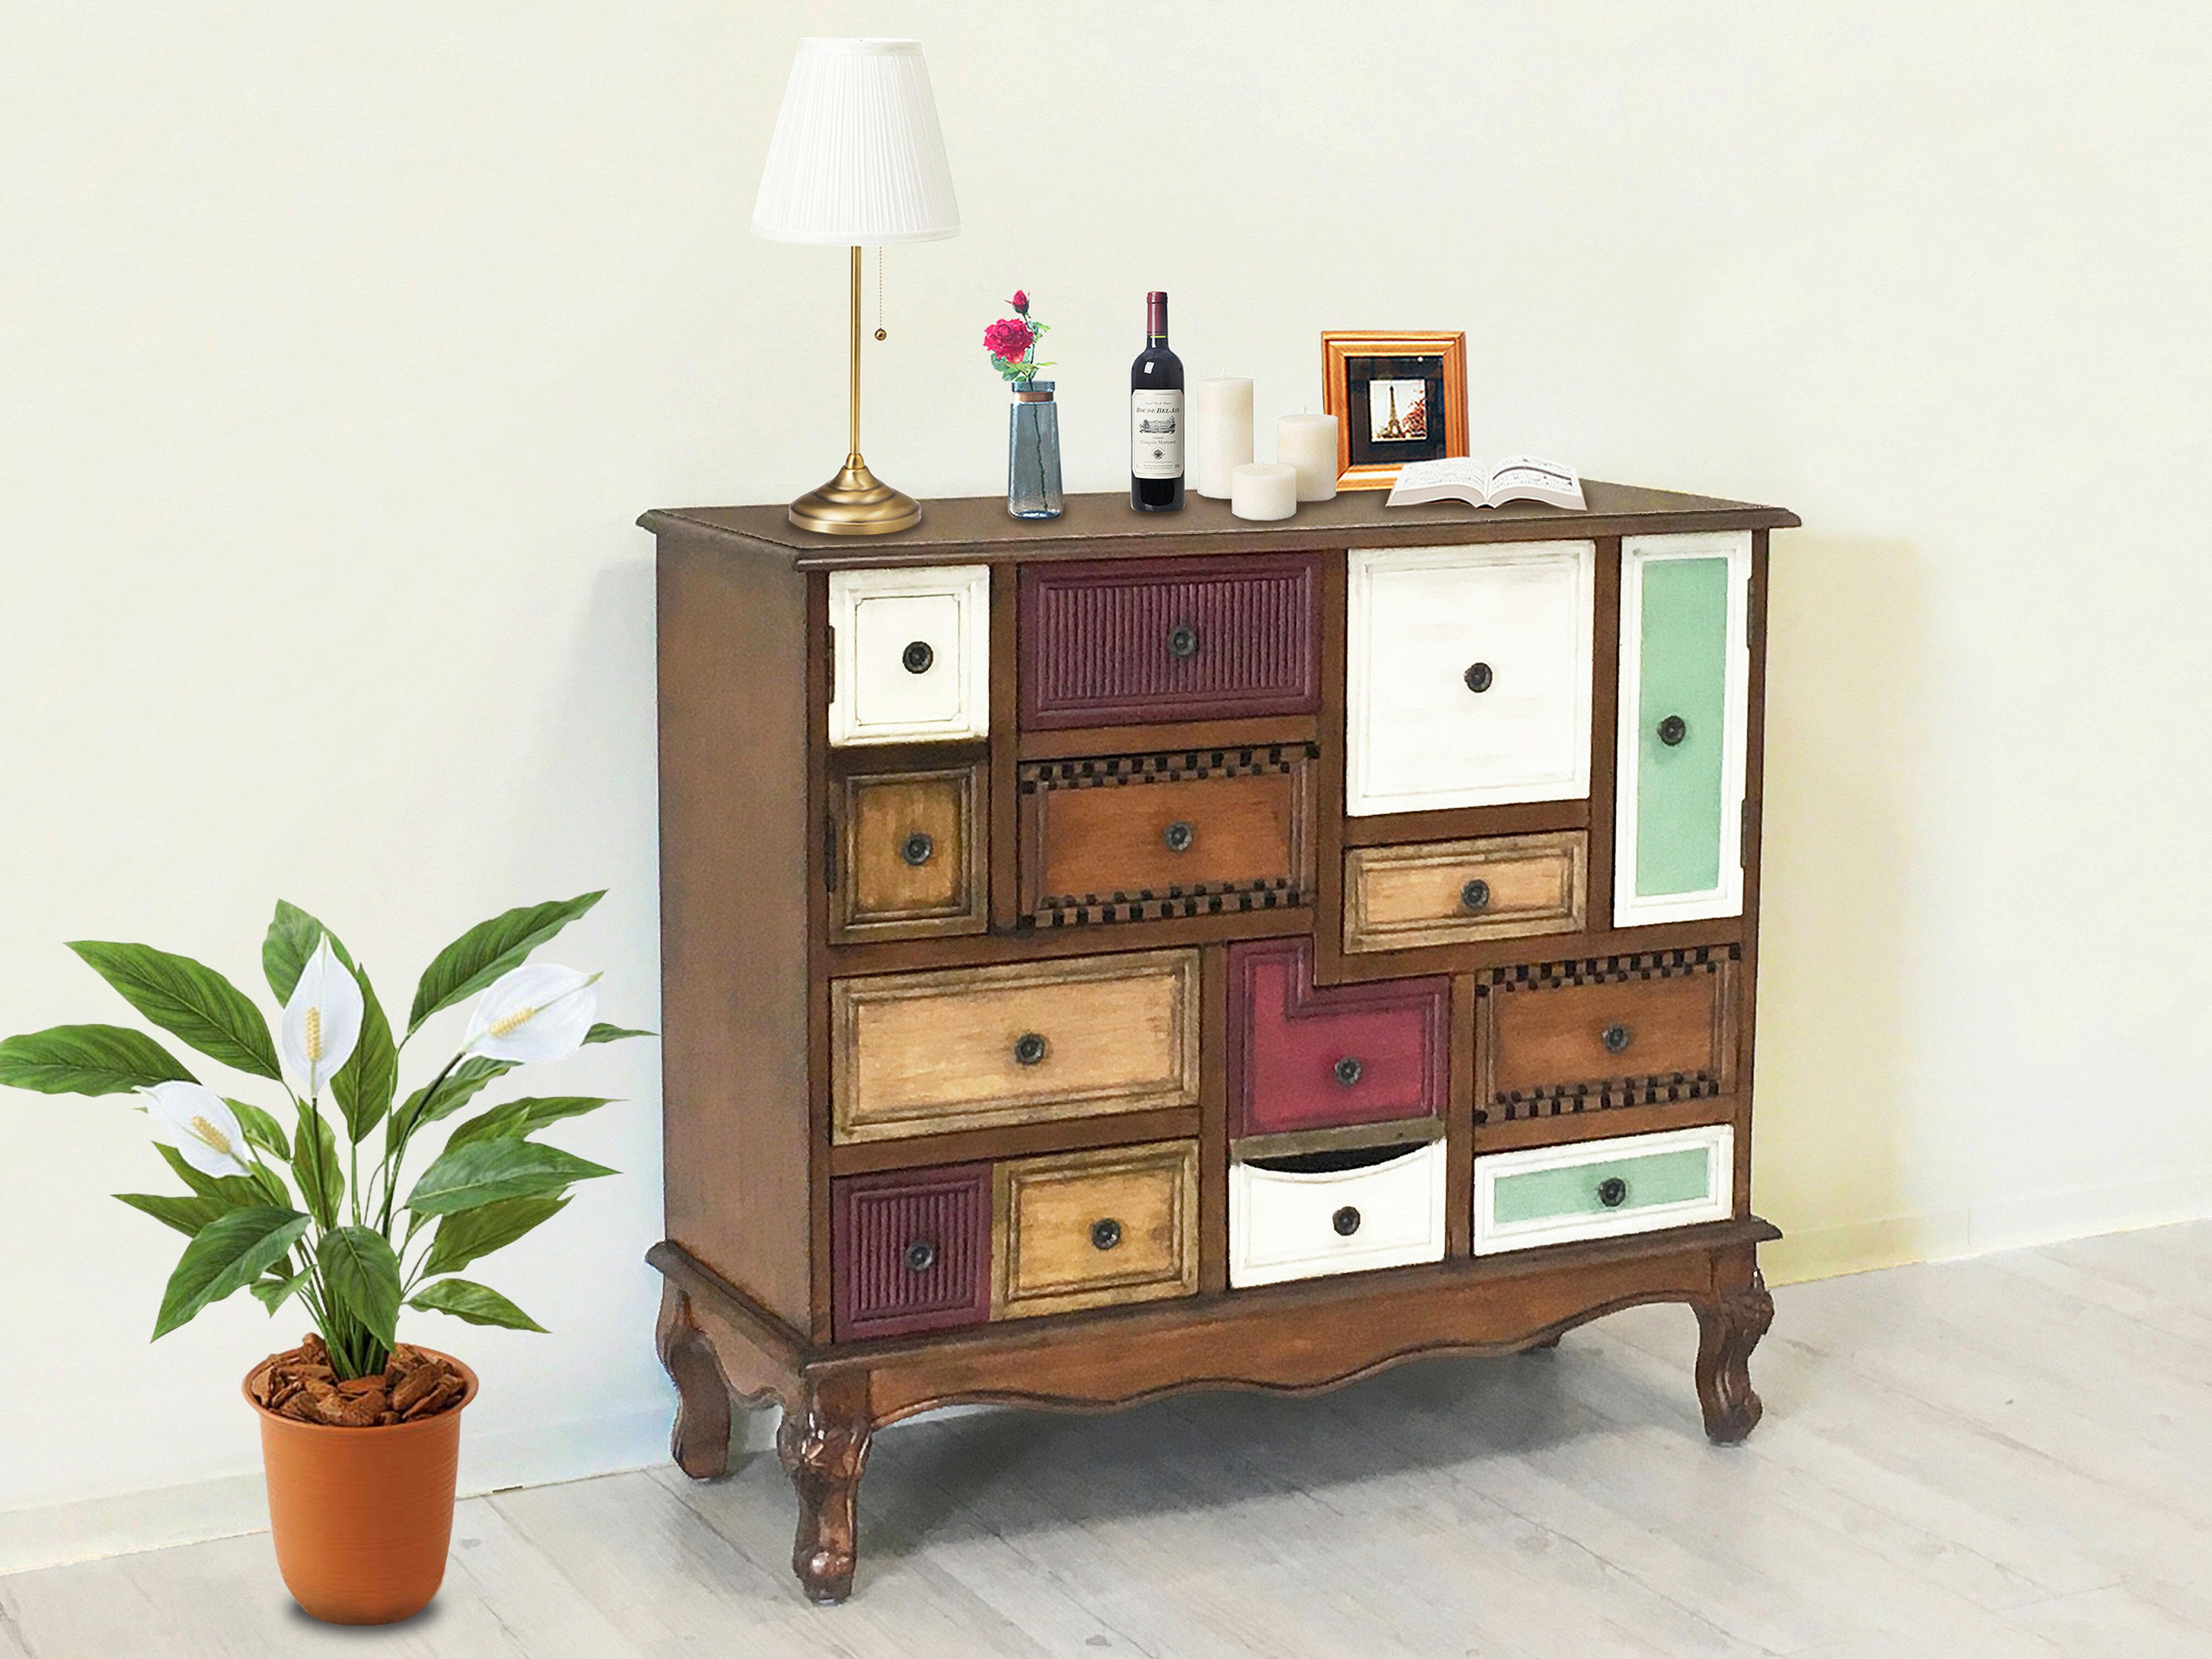 【新生活家具】玄關櫃 功能櫃 置物櫃 斗櫃 收納櫃《愛麗絲》胡桃色 美式 古典 復古 非 H&D ikea 宜家